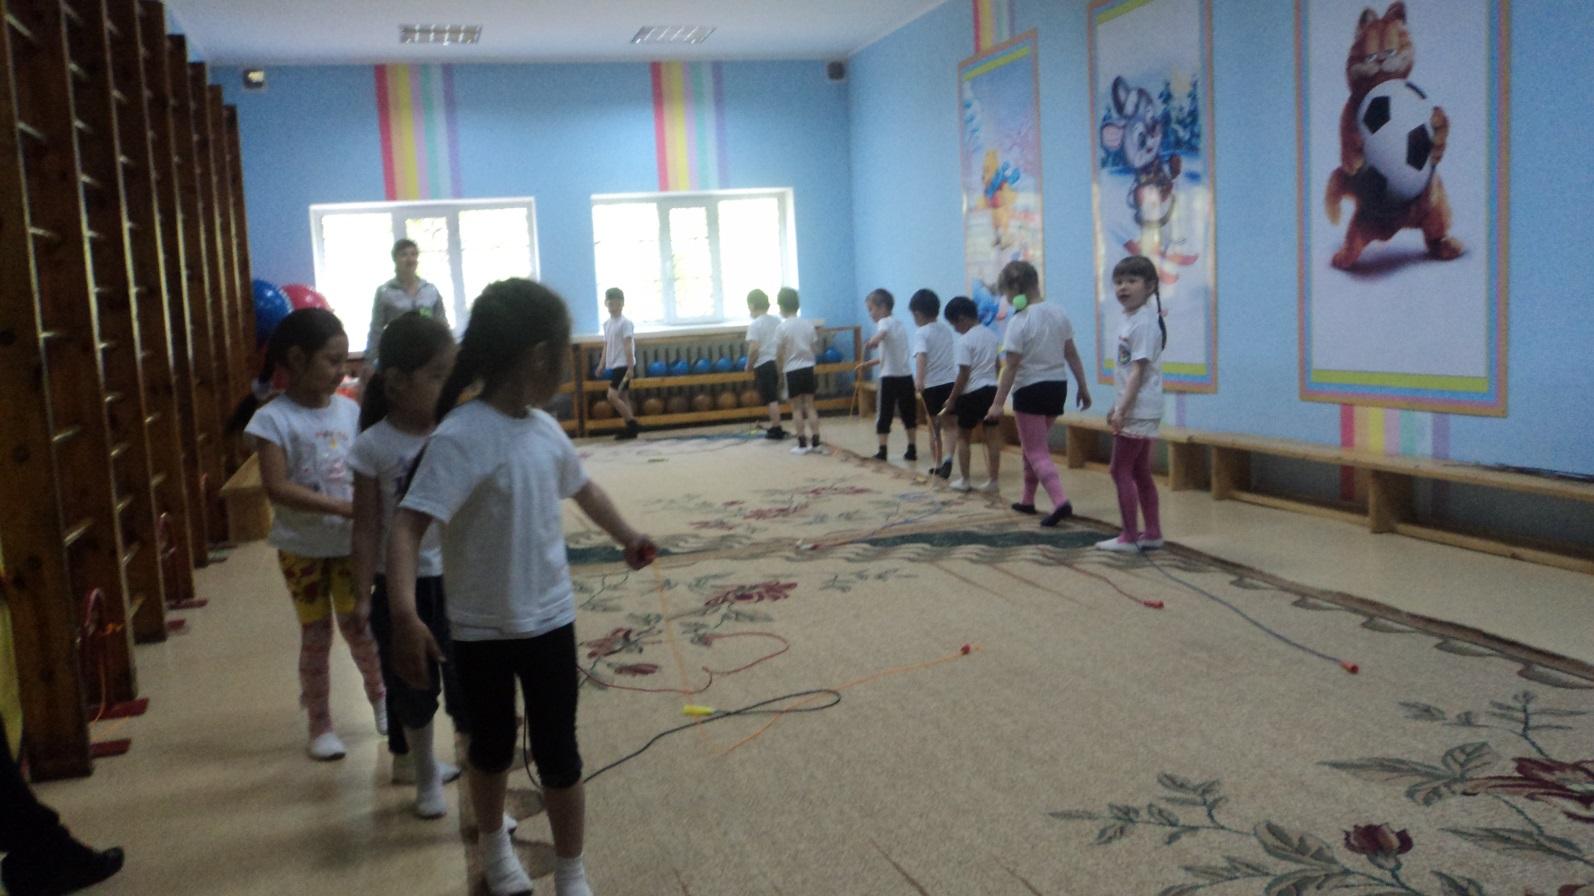 Описание: D:\Михална\Pictures\занятия, открытые просмотры\итоговые занятия 2012г\DSC03784.JPG